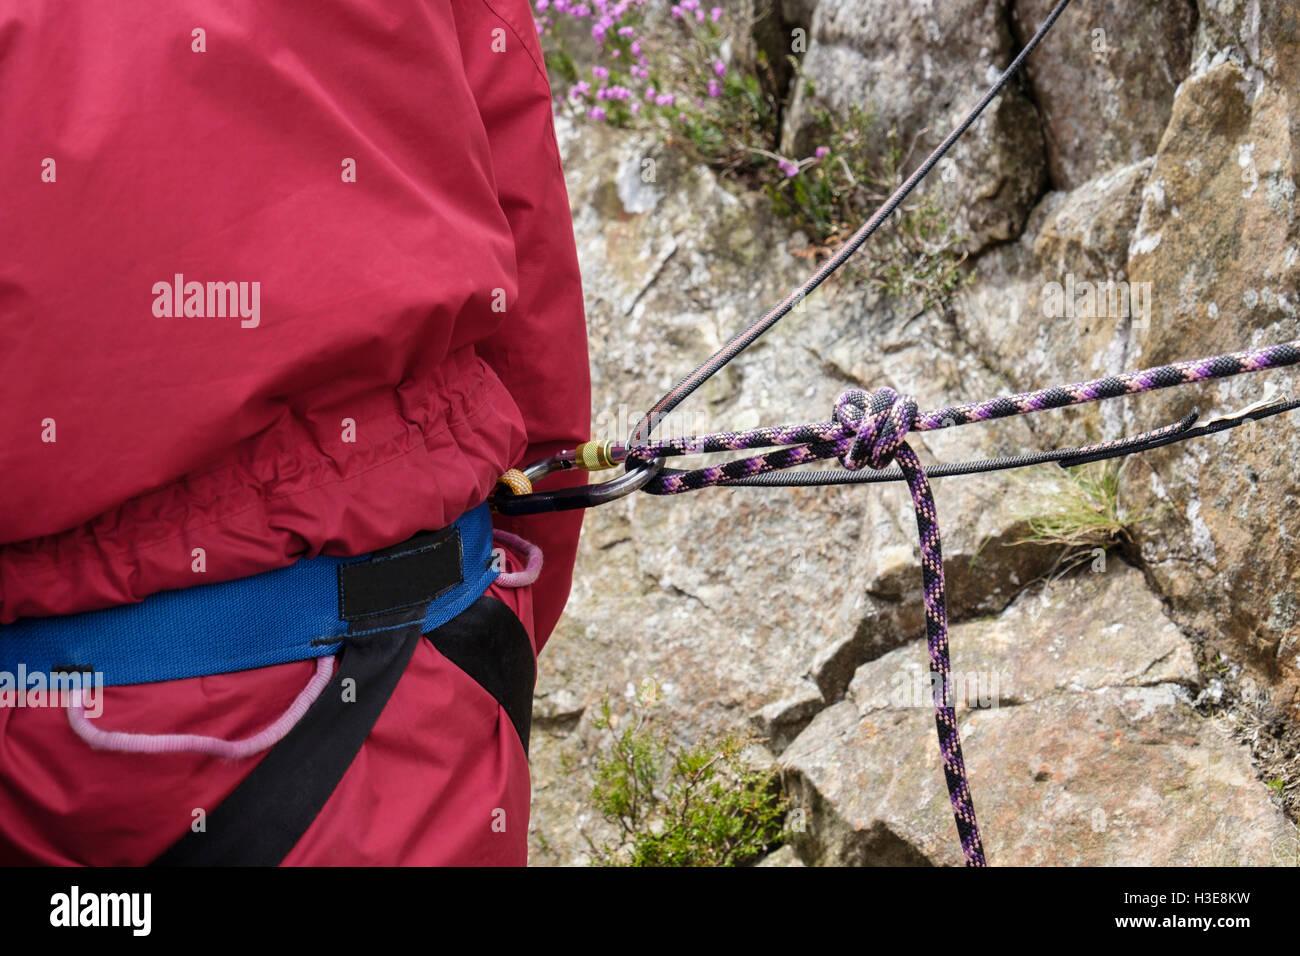 Klettergurt Rot : Elliotst klettergurt duke airtech klettern klettergurte